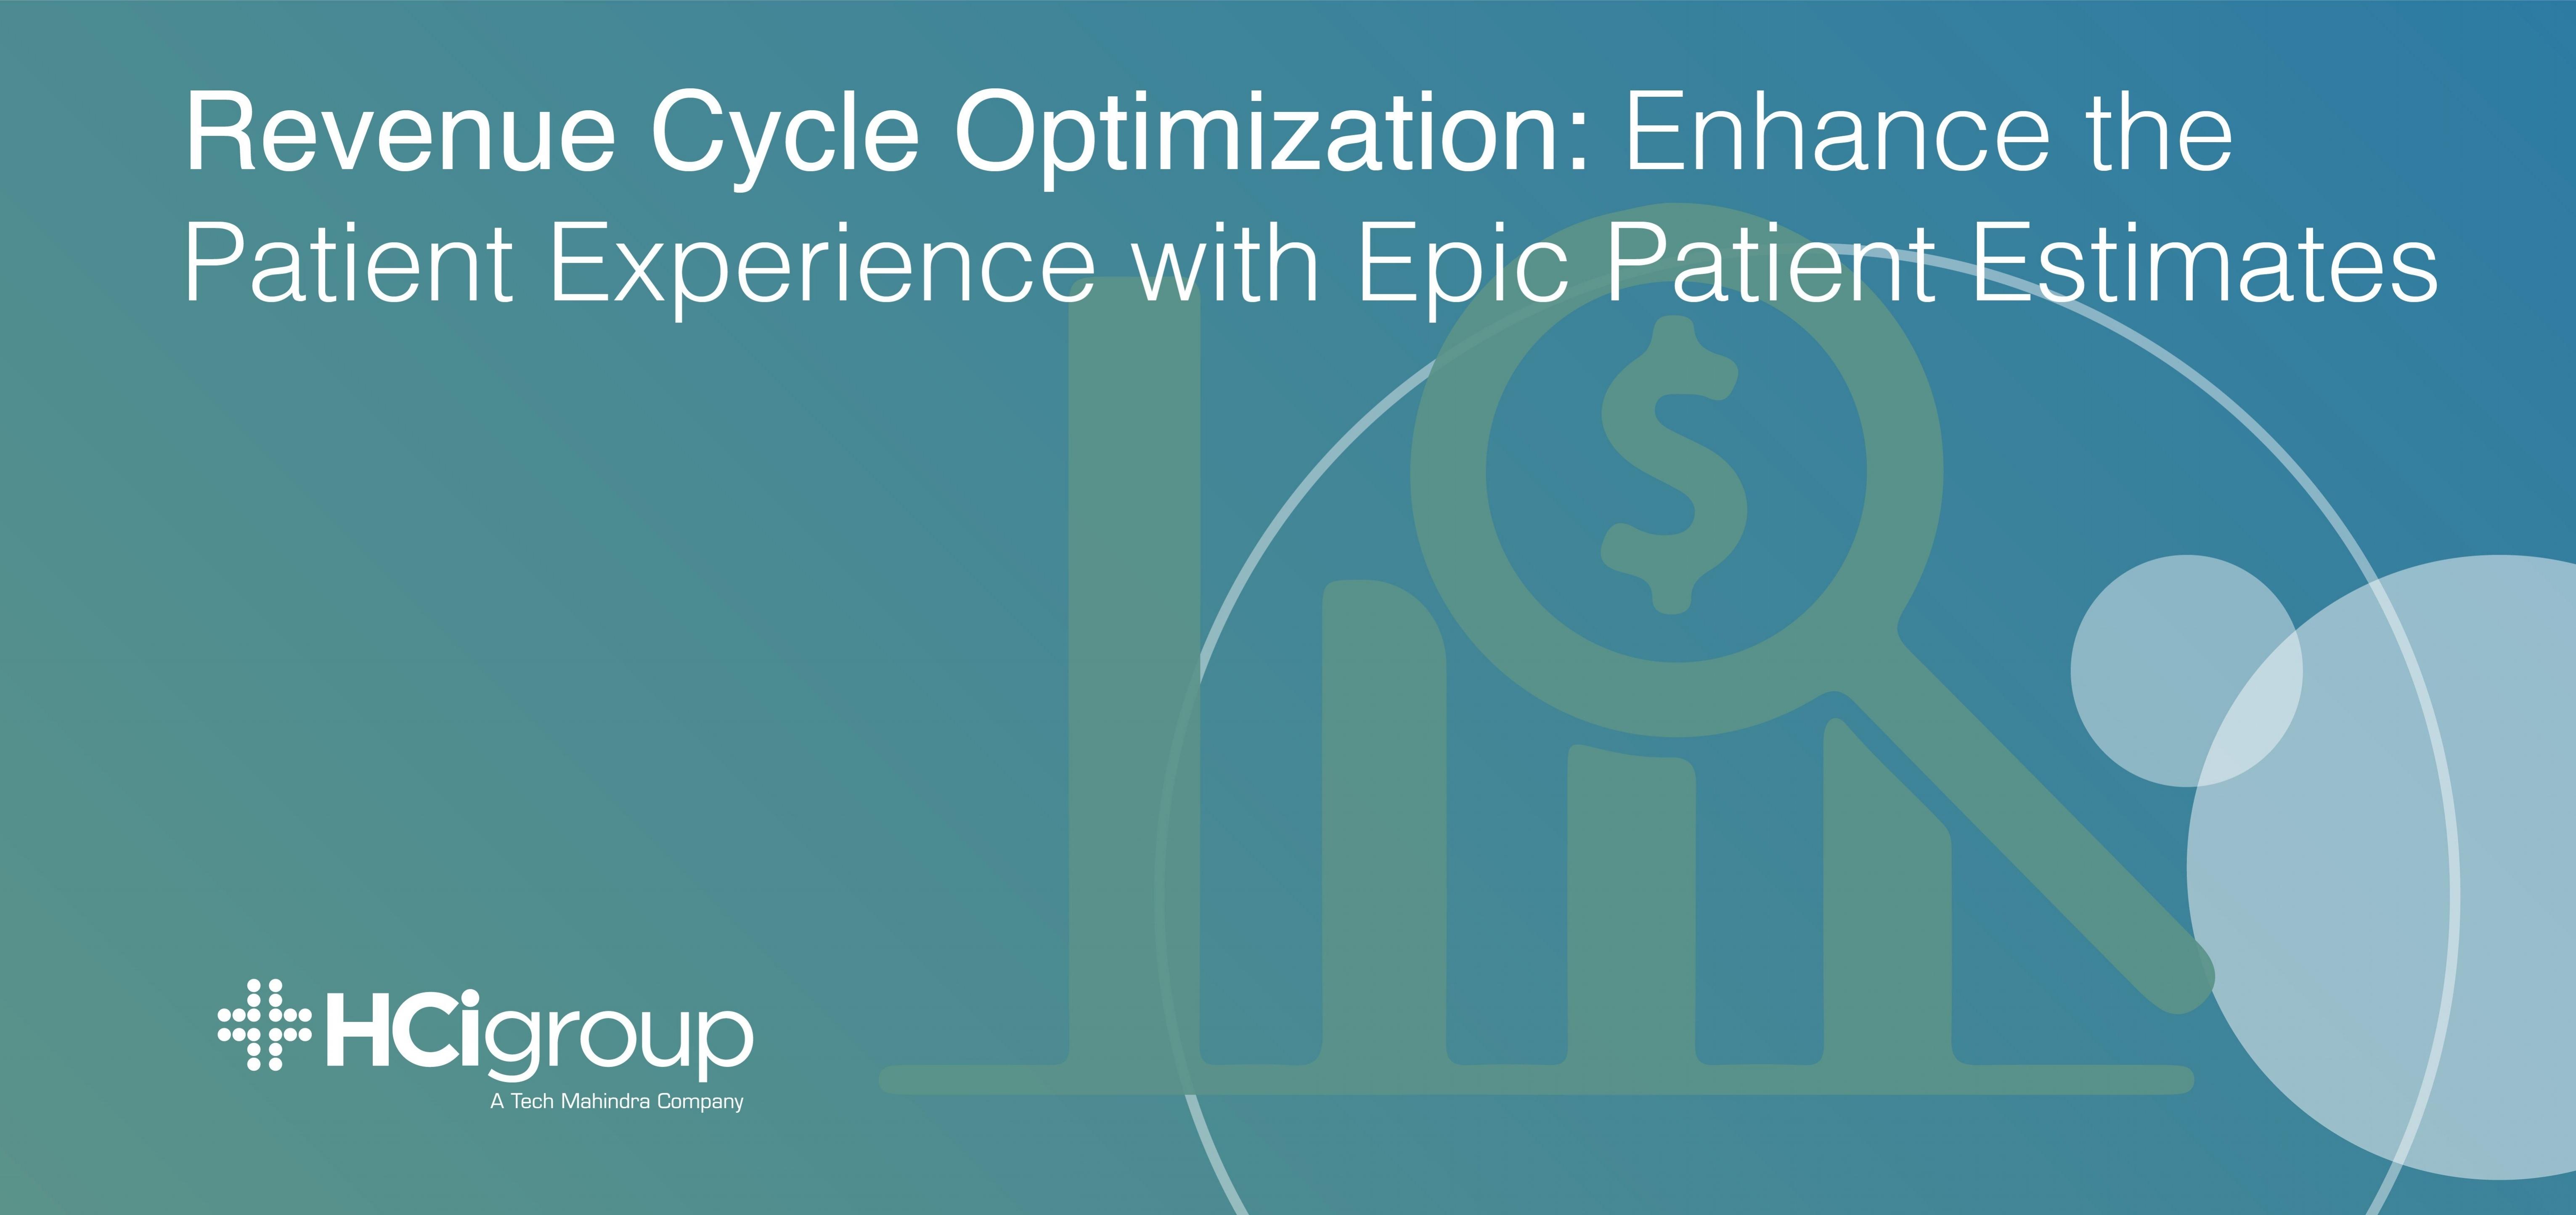 Revenue Cycle Optimization: Enhance the Patient Experience with Epic Patient Estimates